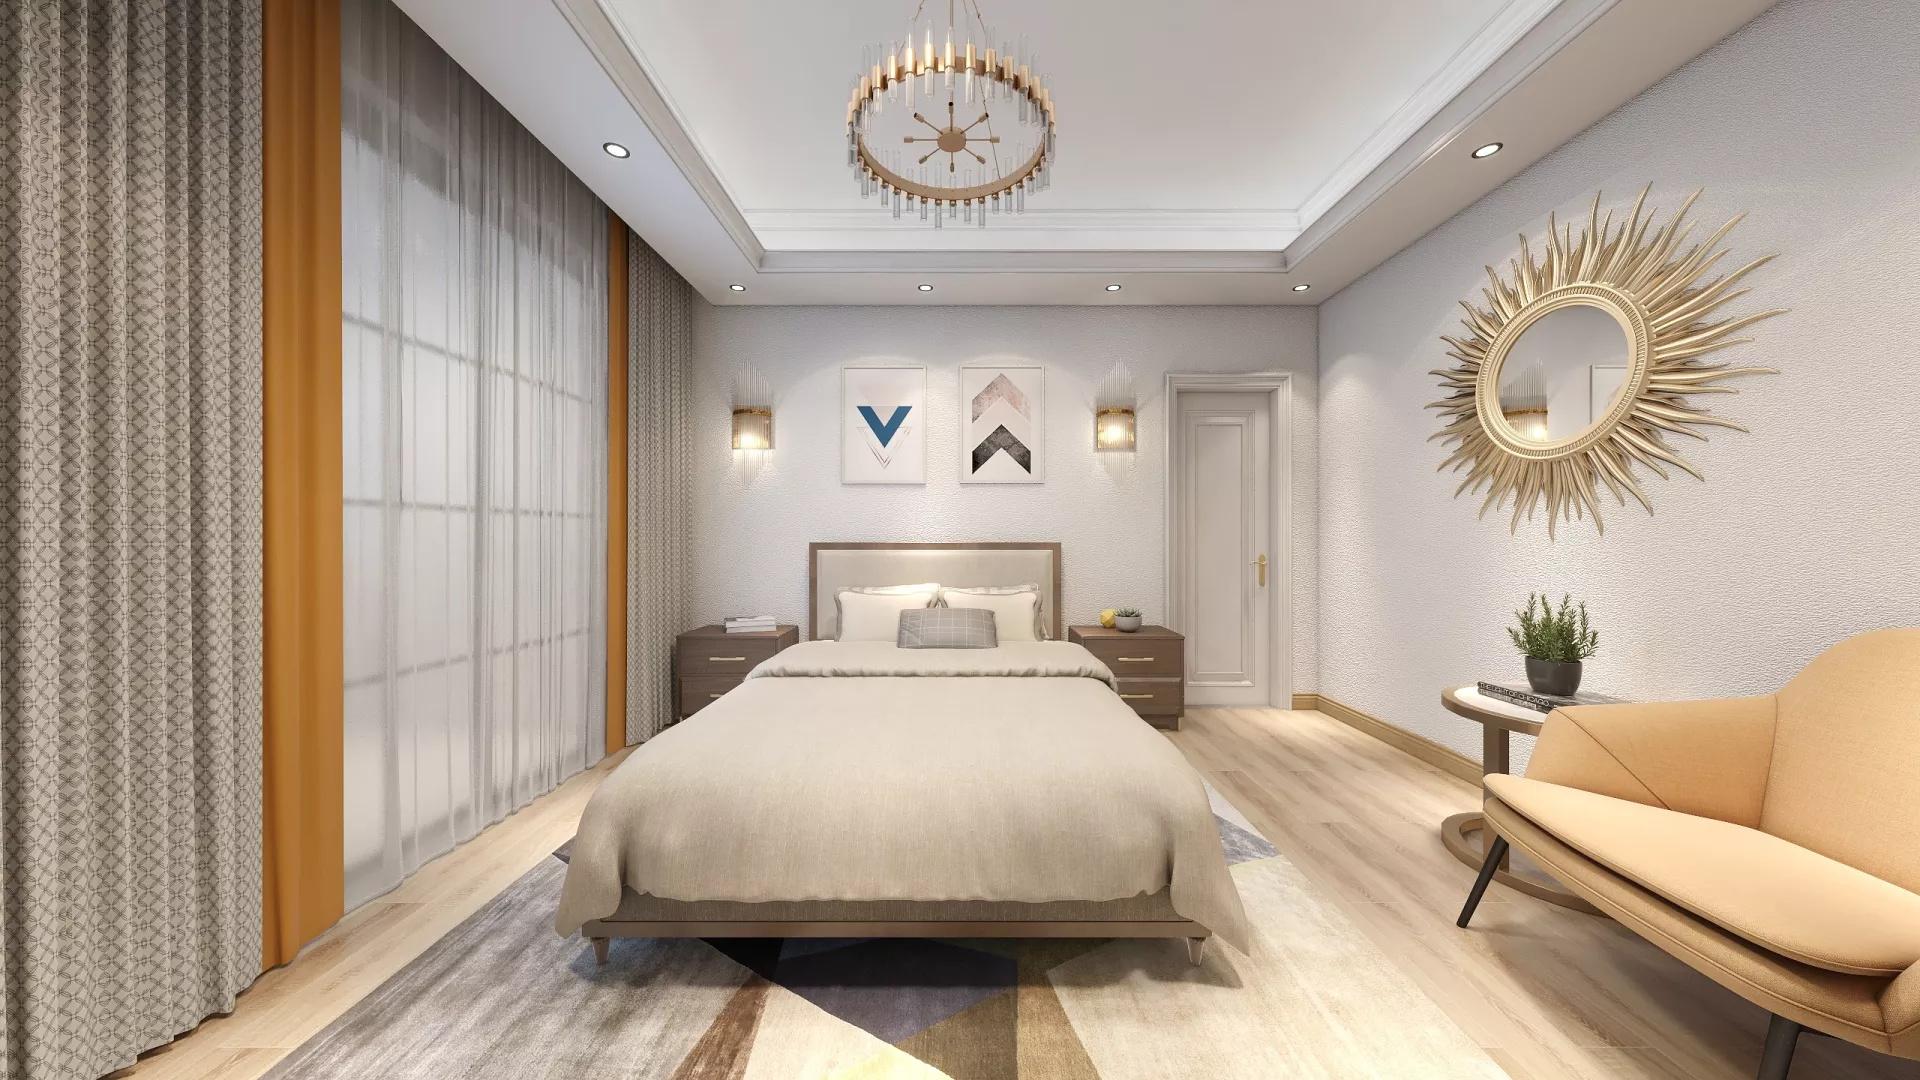 灰色简洁风格卧室装修设计效果图